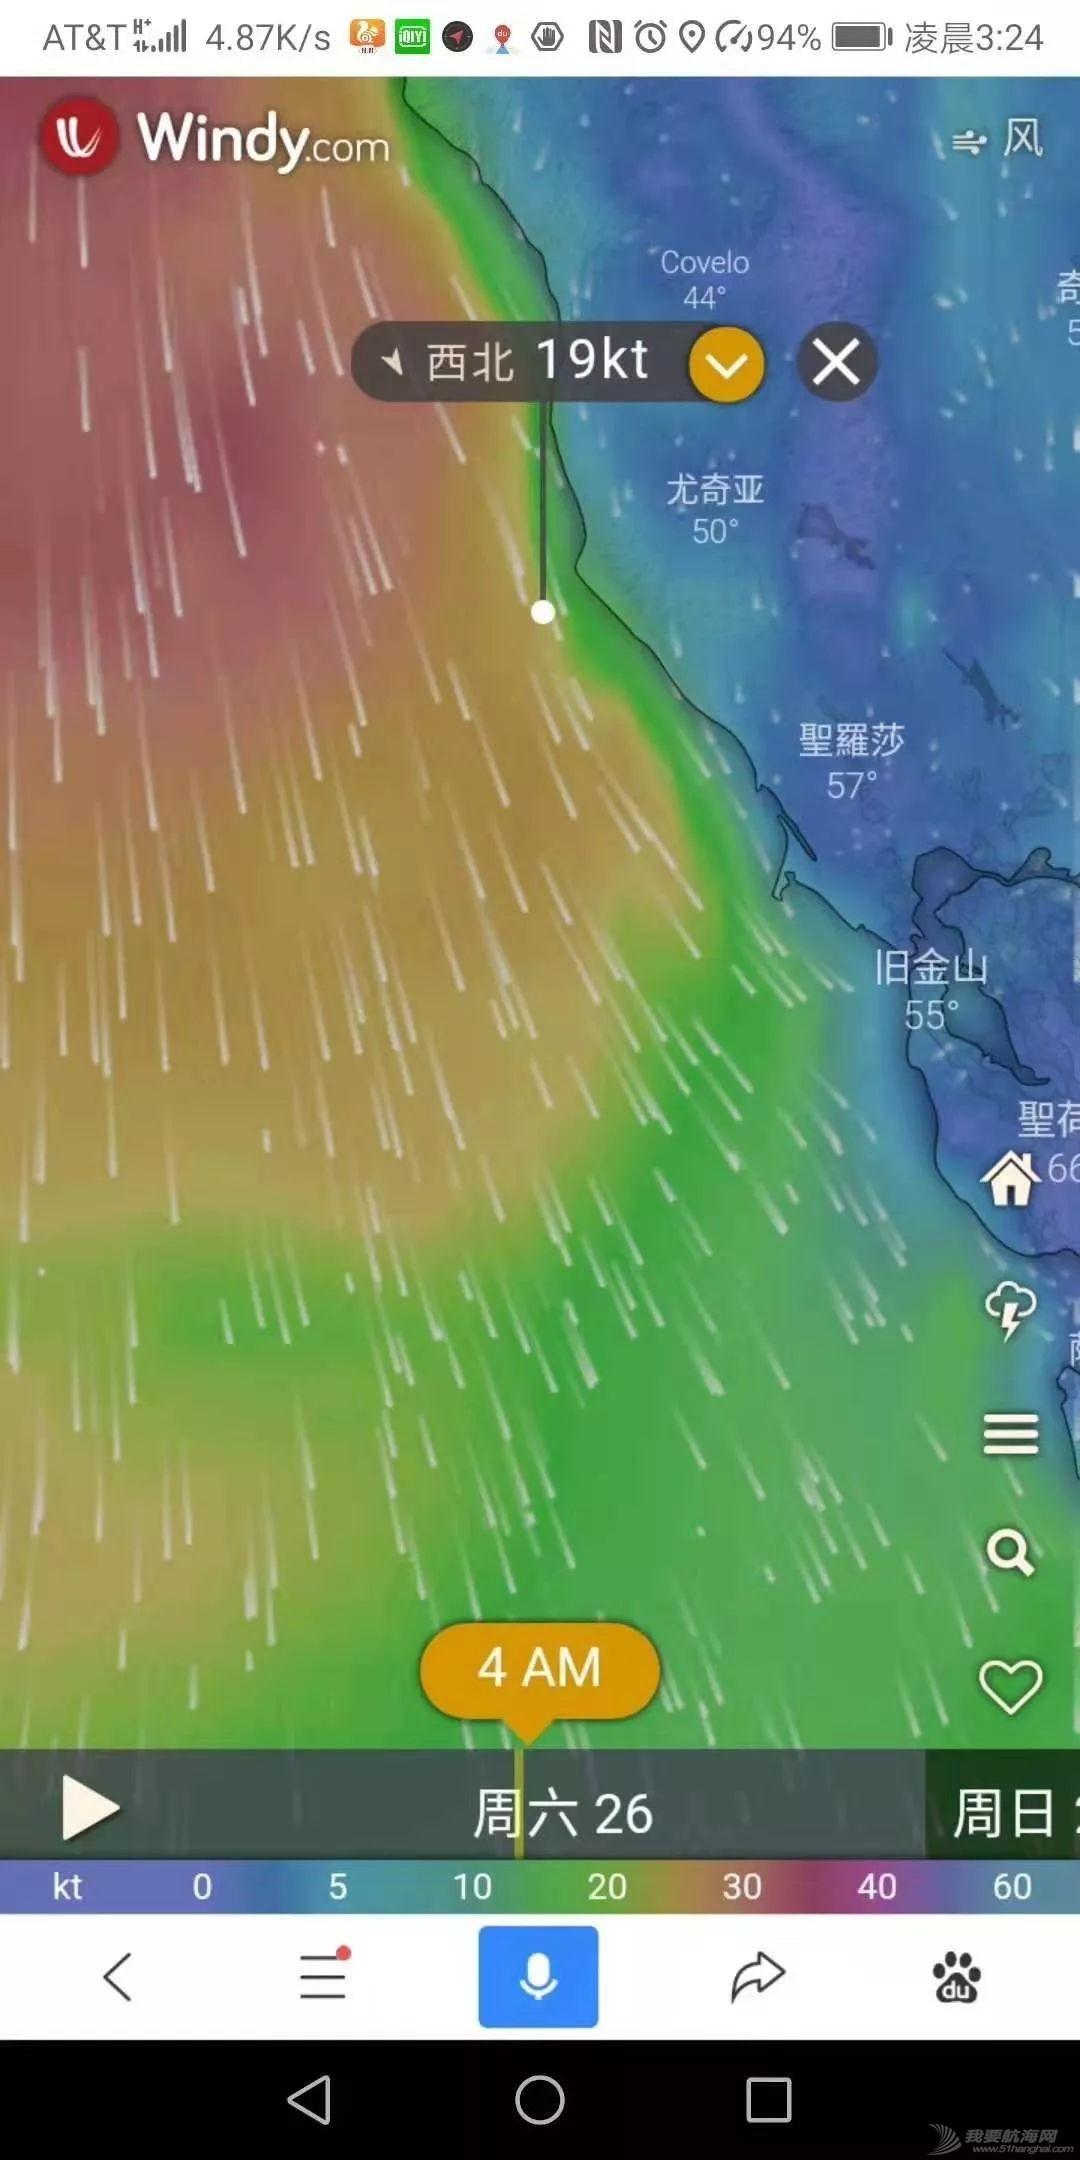 和风竞速的800海里w1.jpg